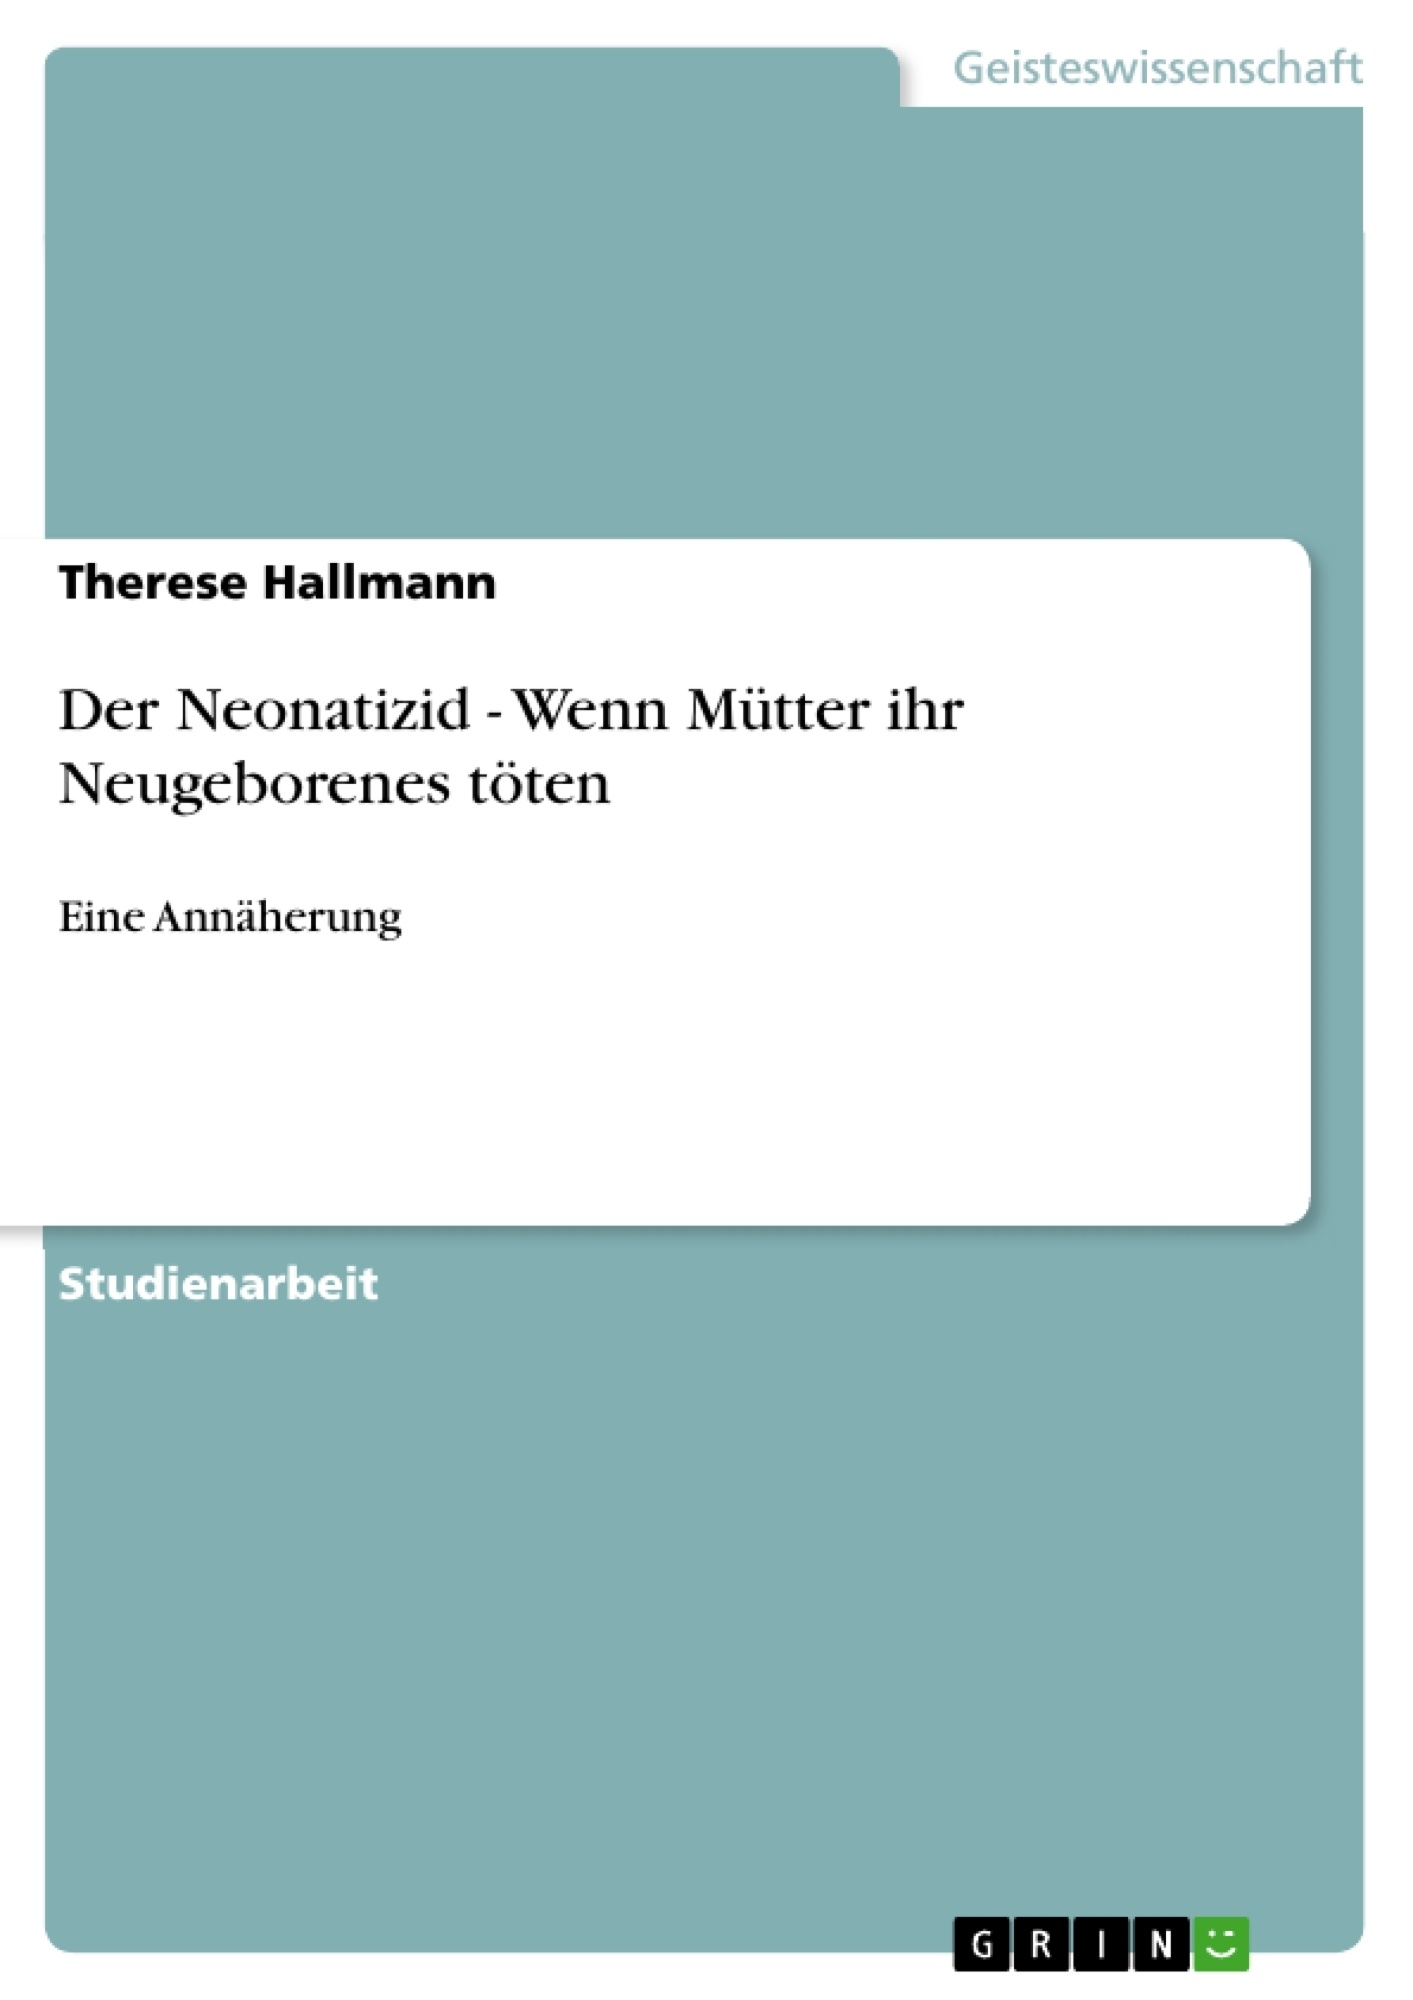 Titel: Der Neonatizid - Wenn Mütter ihr Neugeborenes töten